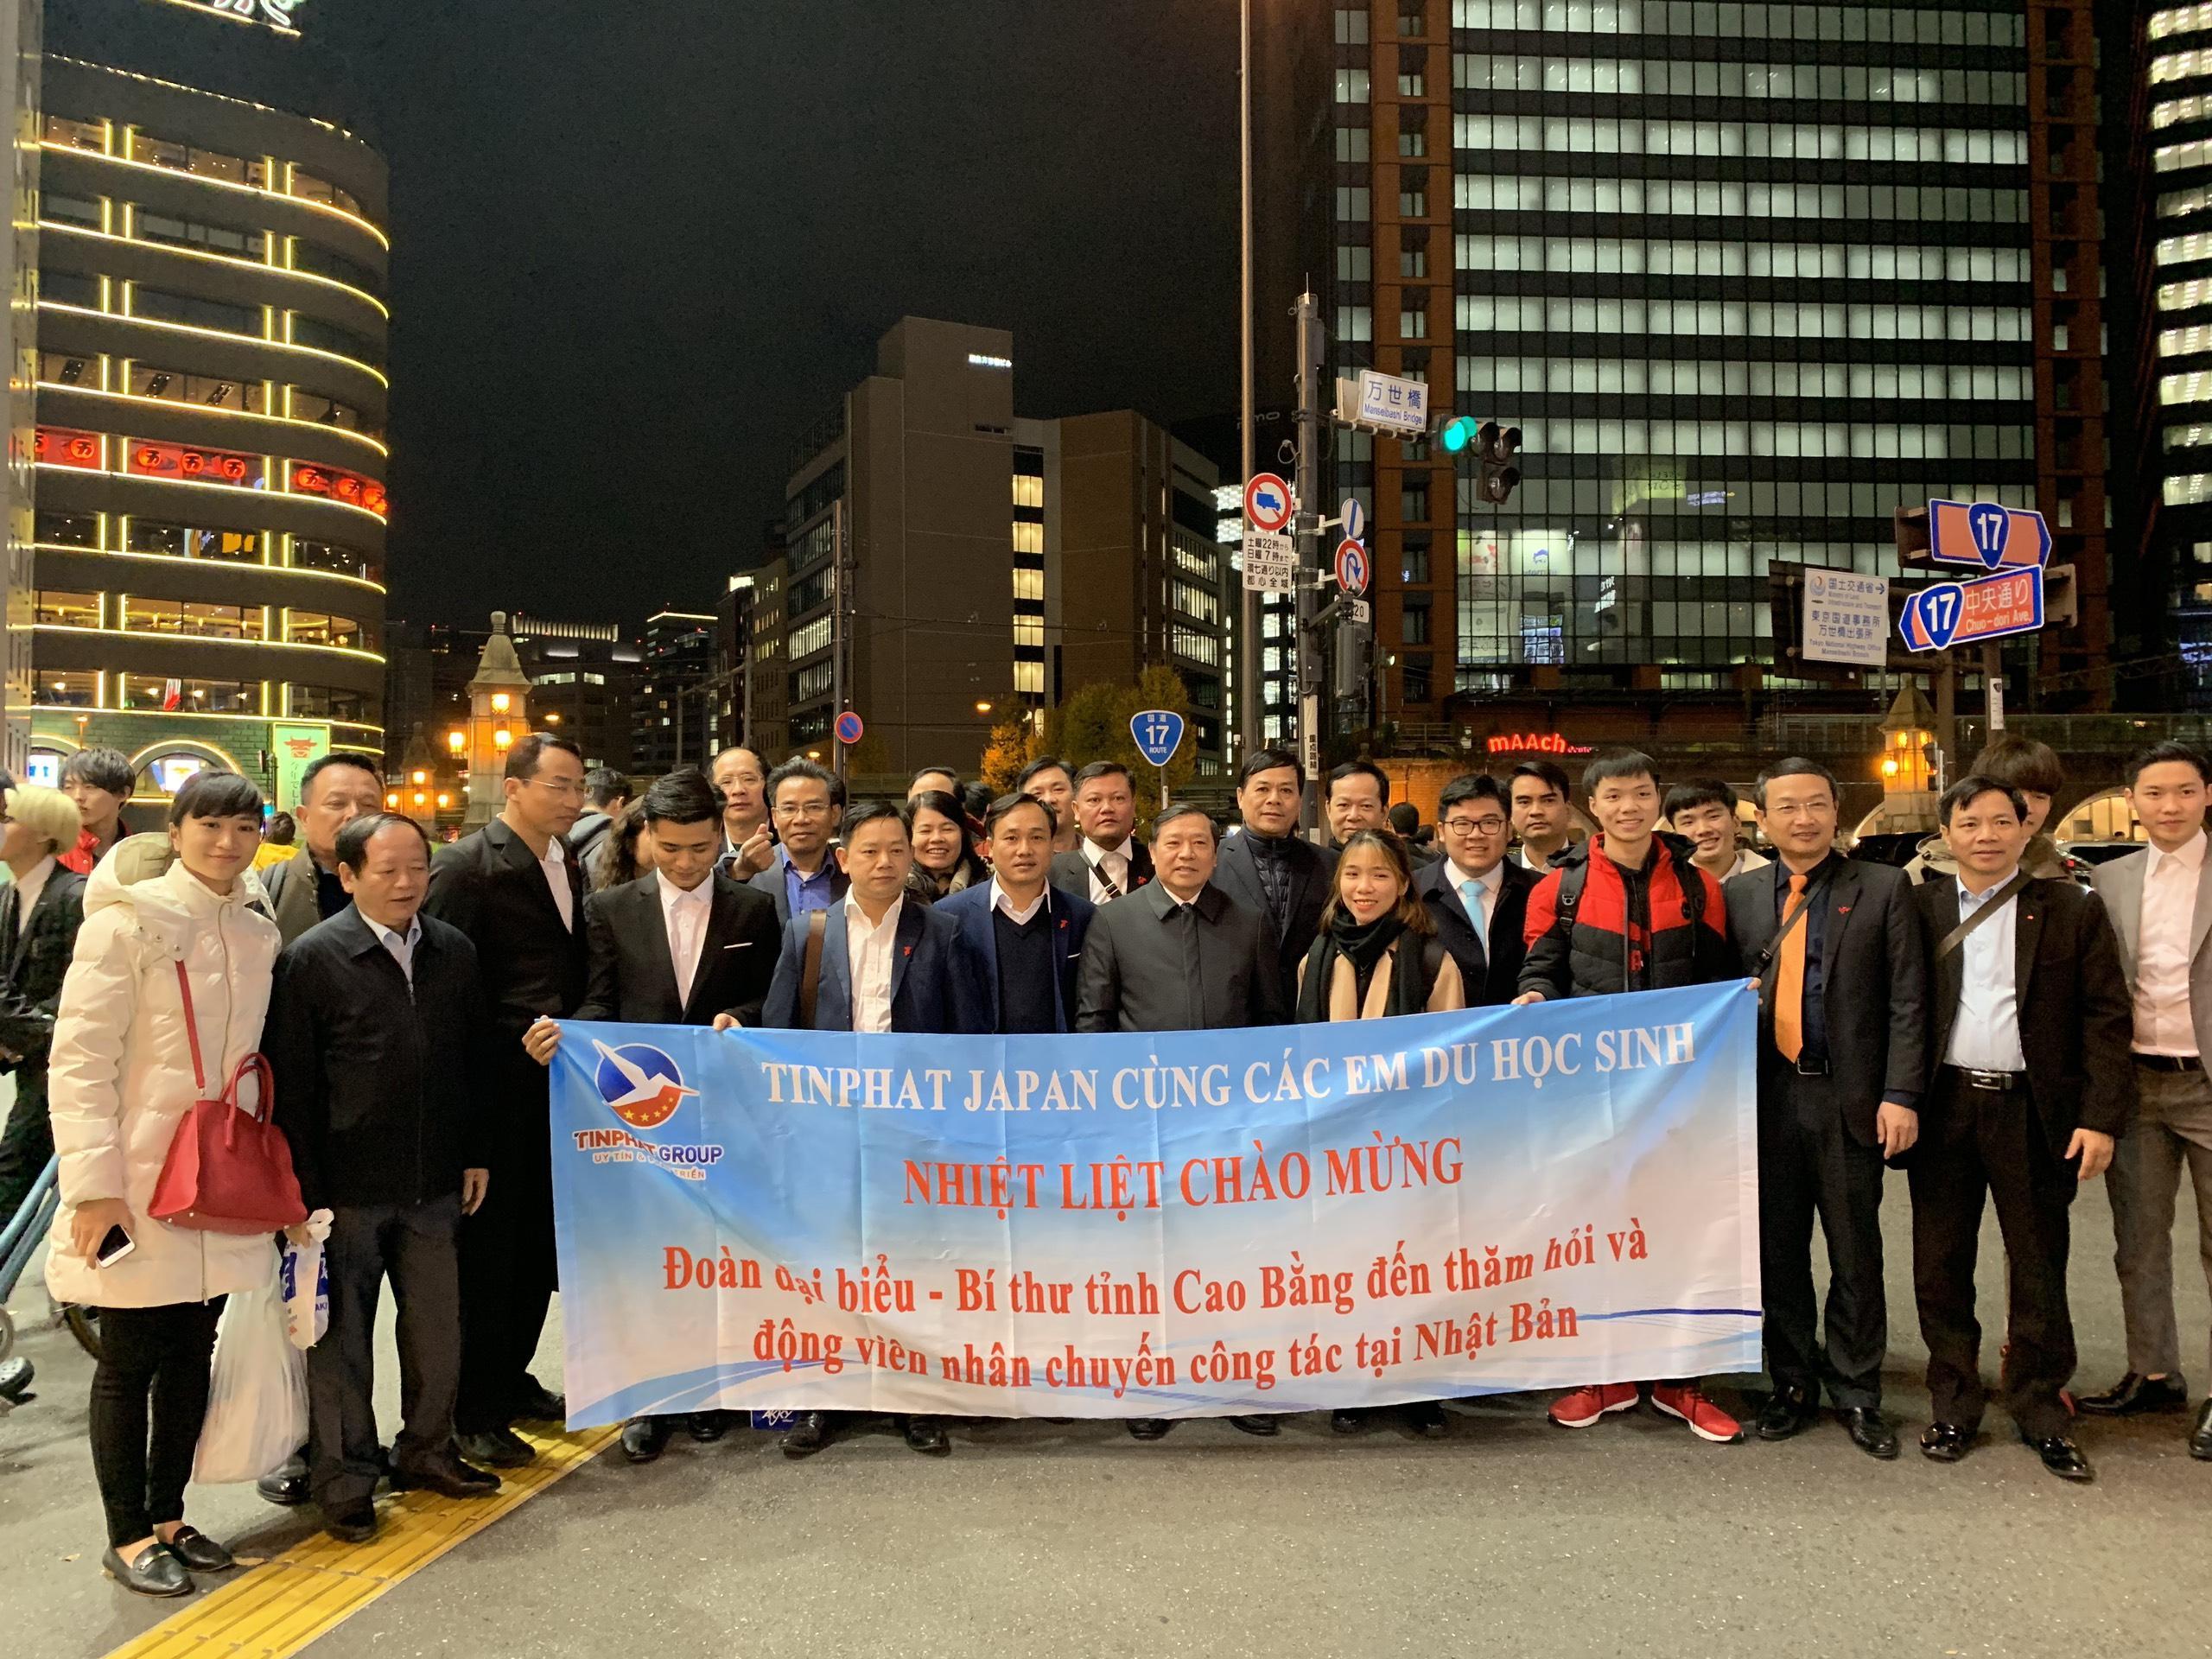 Bí thư tỉnh Cao Bằng sang thăm cán bộ nhân viên Tín Phát Tokyo và du học sinh Tín Phát tại Nhật Bản